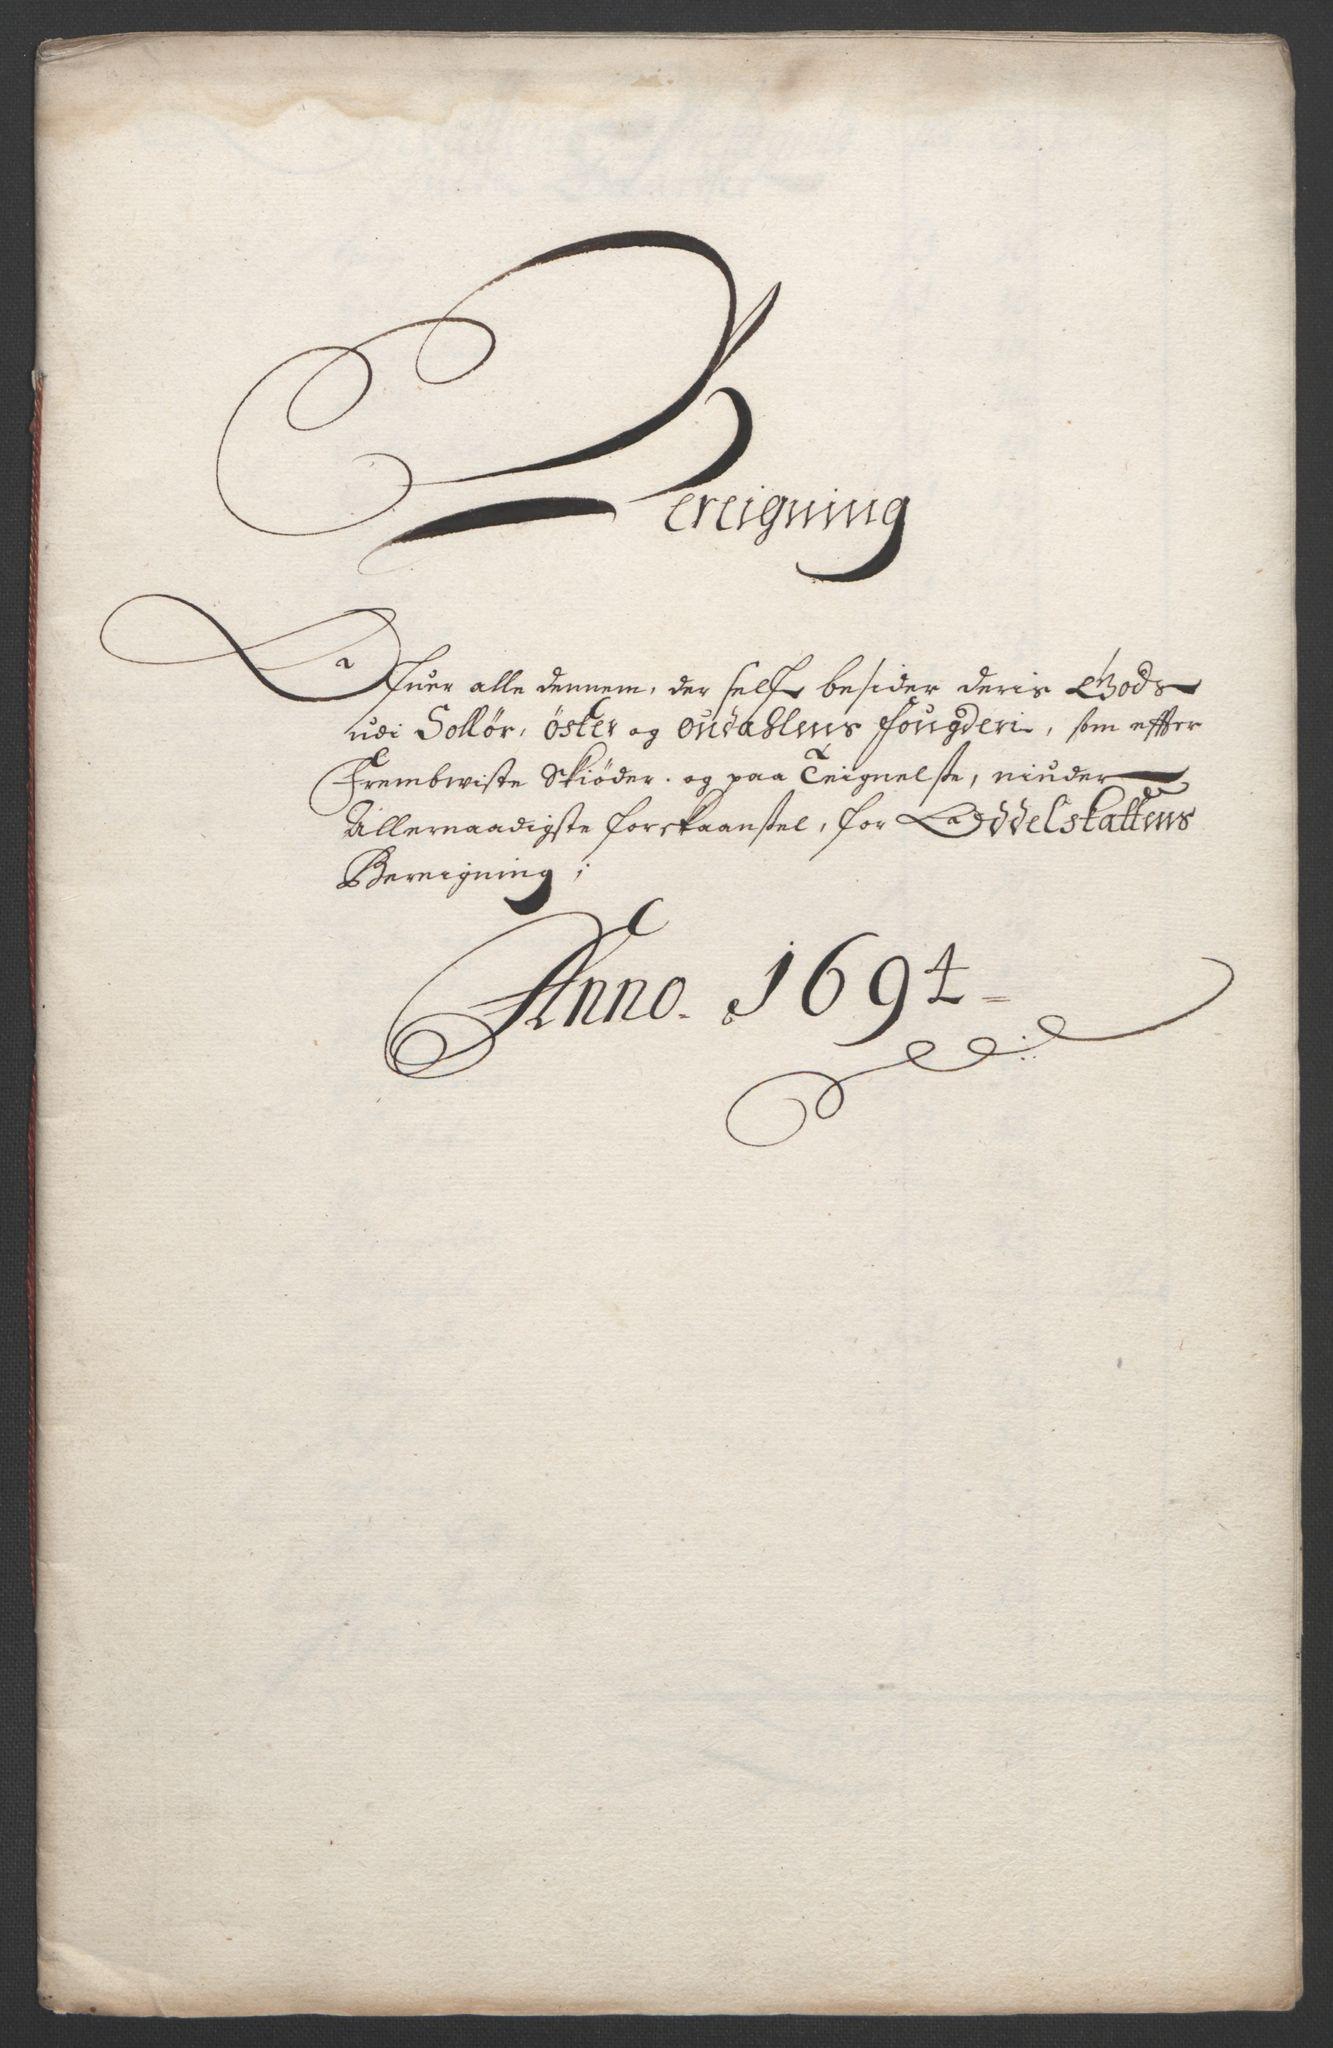 RA, Rentekammeret inntil 1814, Reviderte regnskaper, Fogderegnskap, R13/L0832: Fogderegnskap Solør, Odal og Østerdal, 1694, s. 331